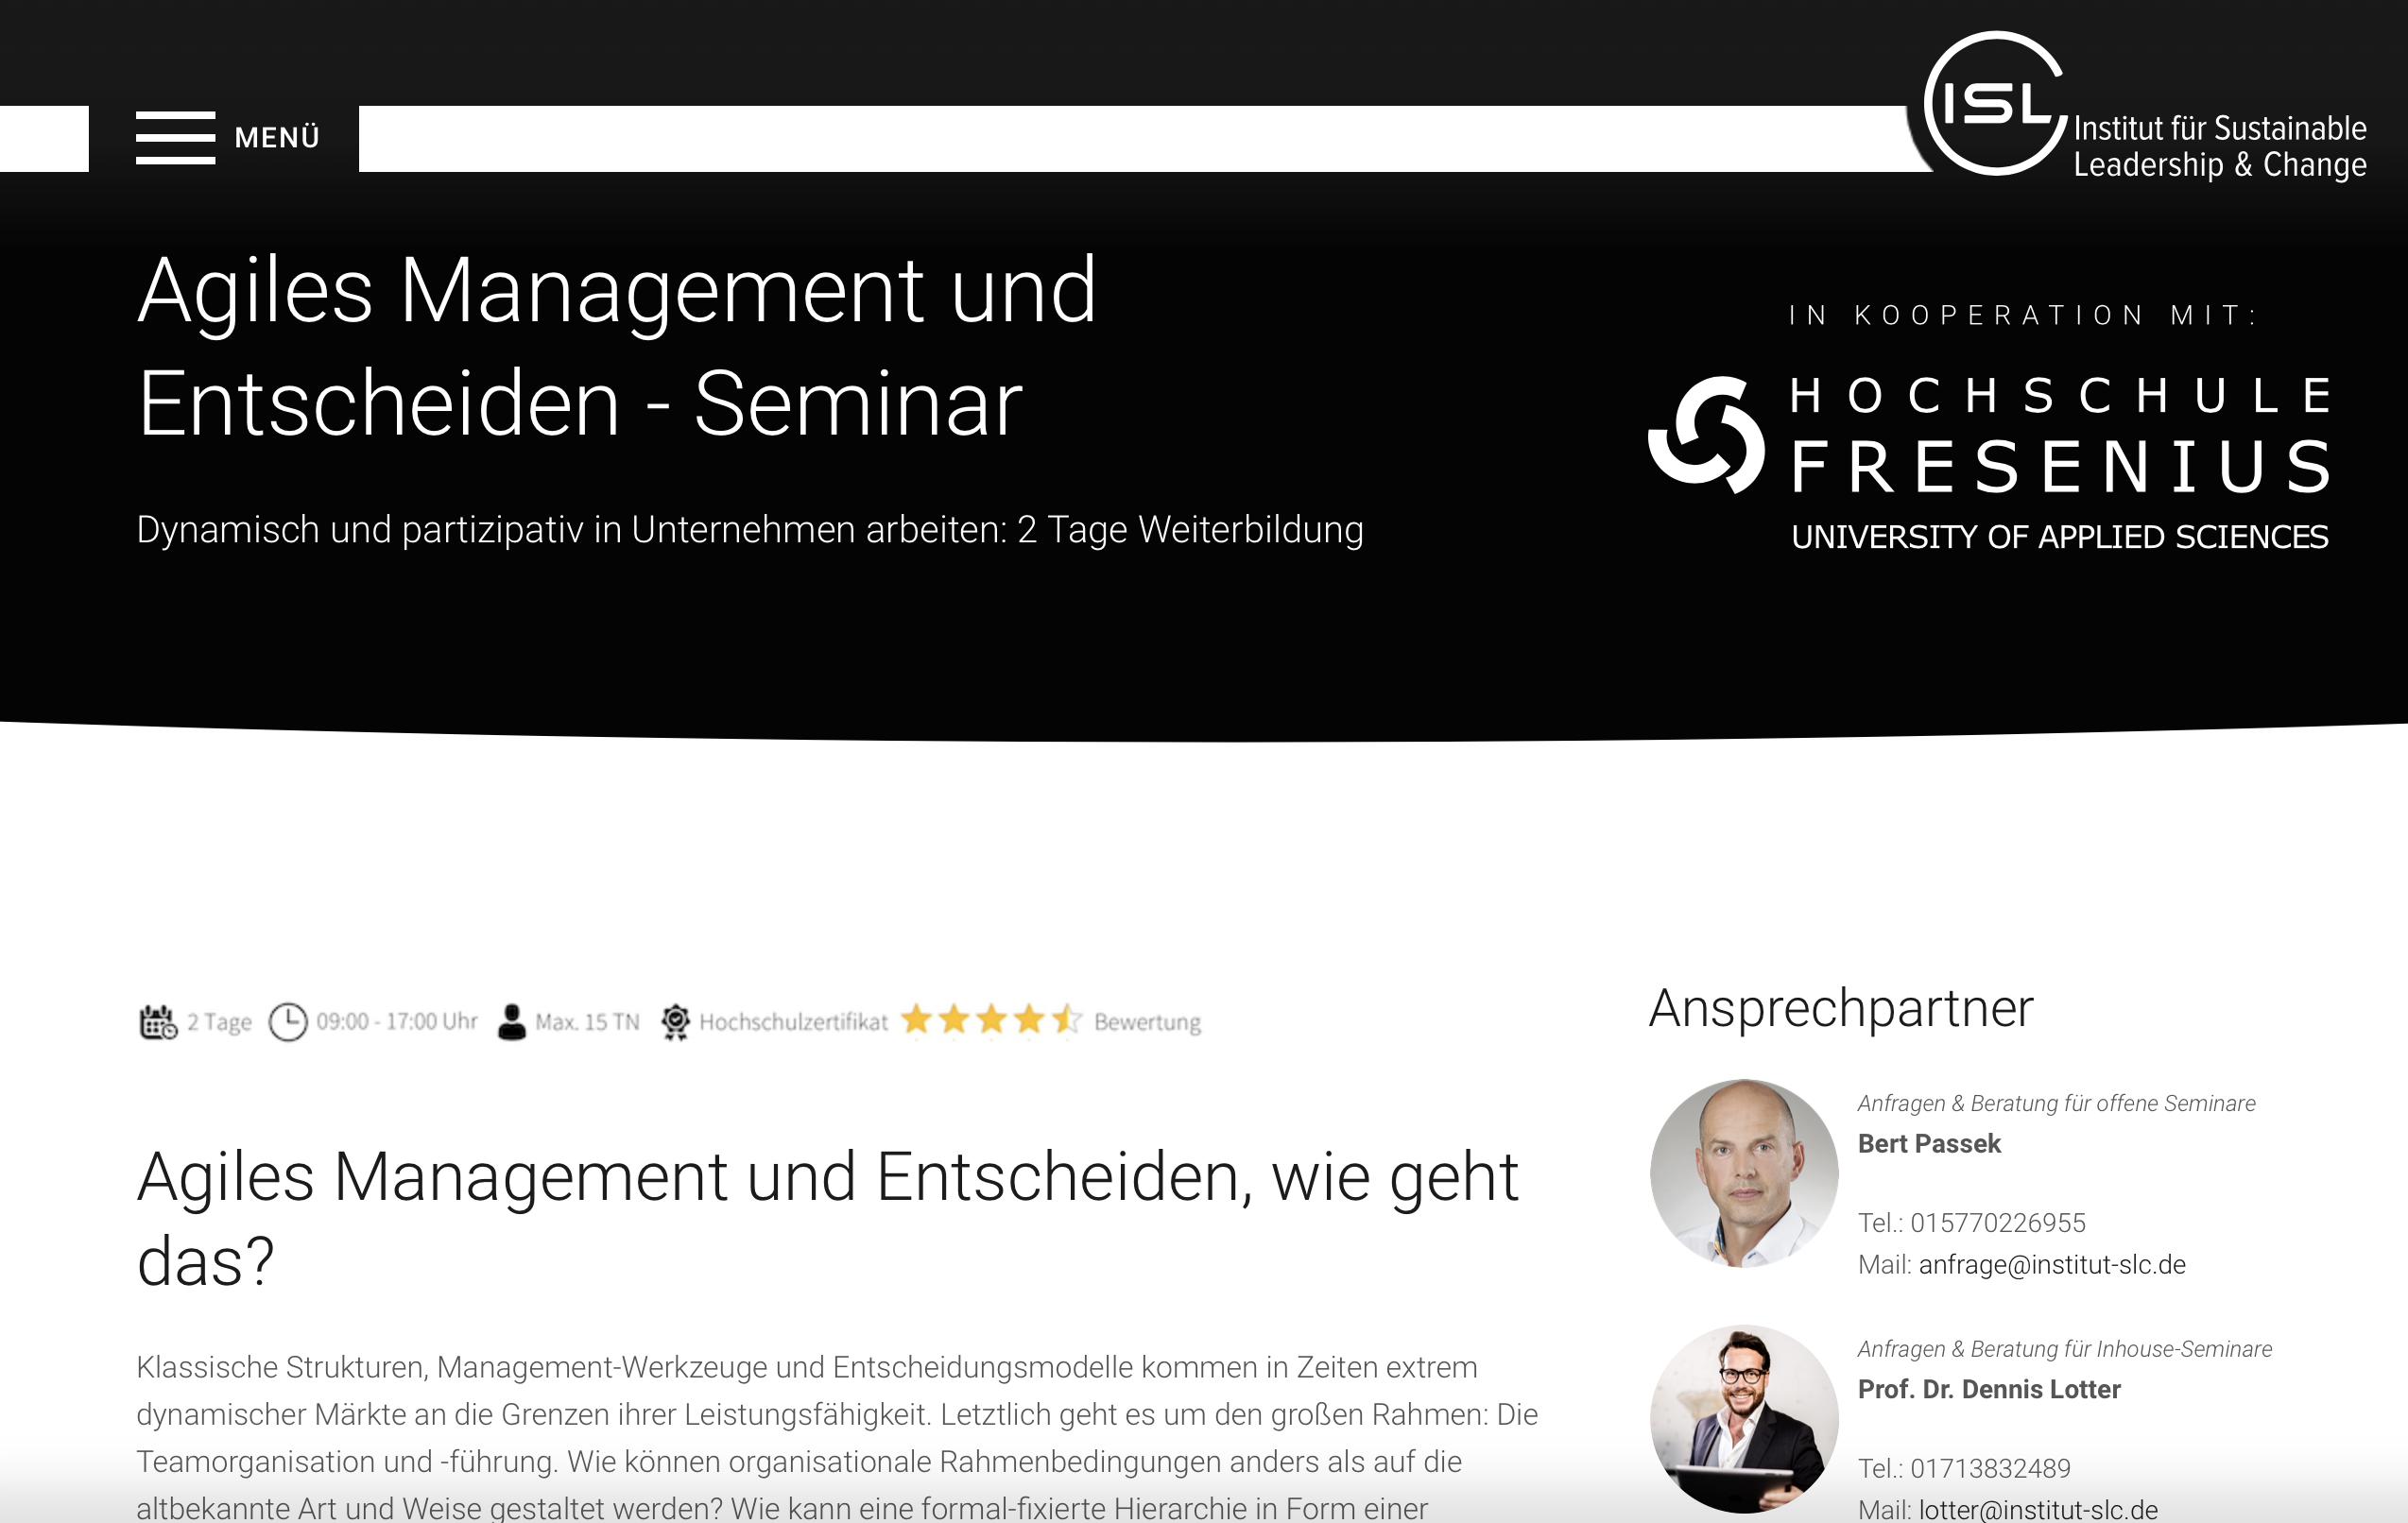 Seminar Agiles Management und Entscheiden.